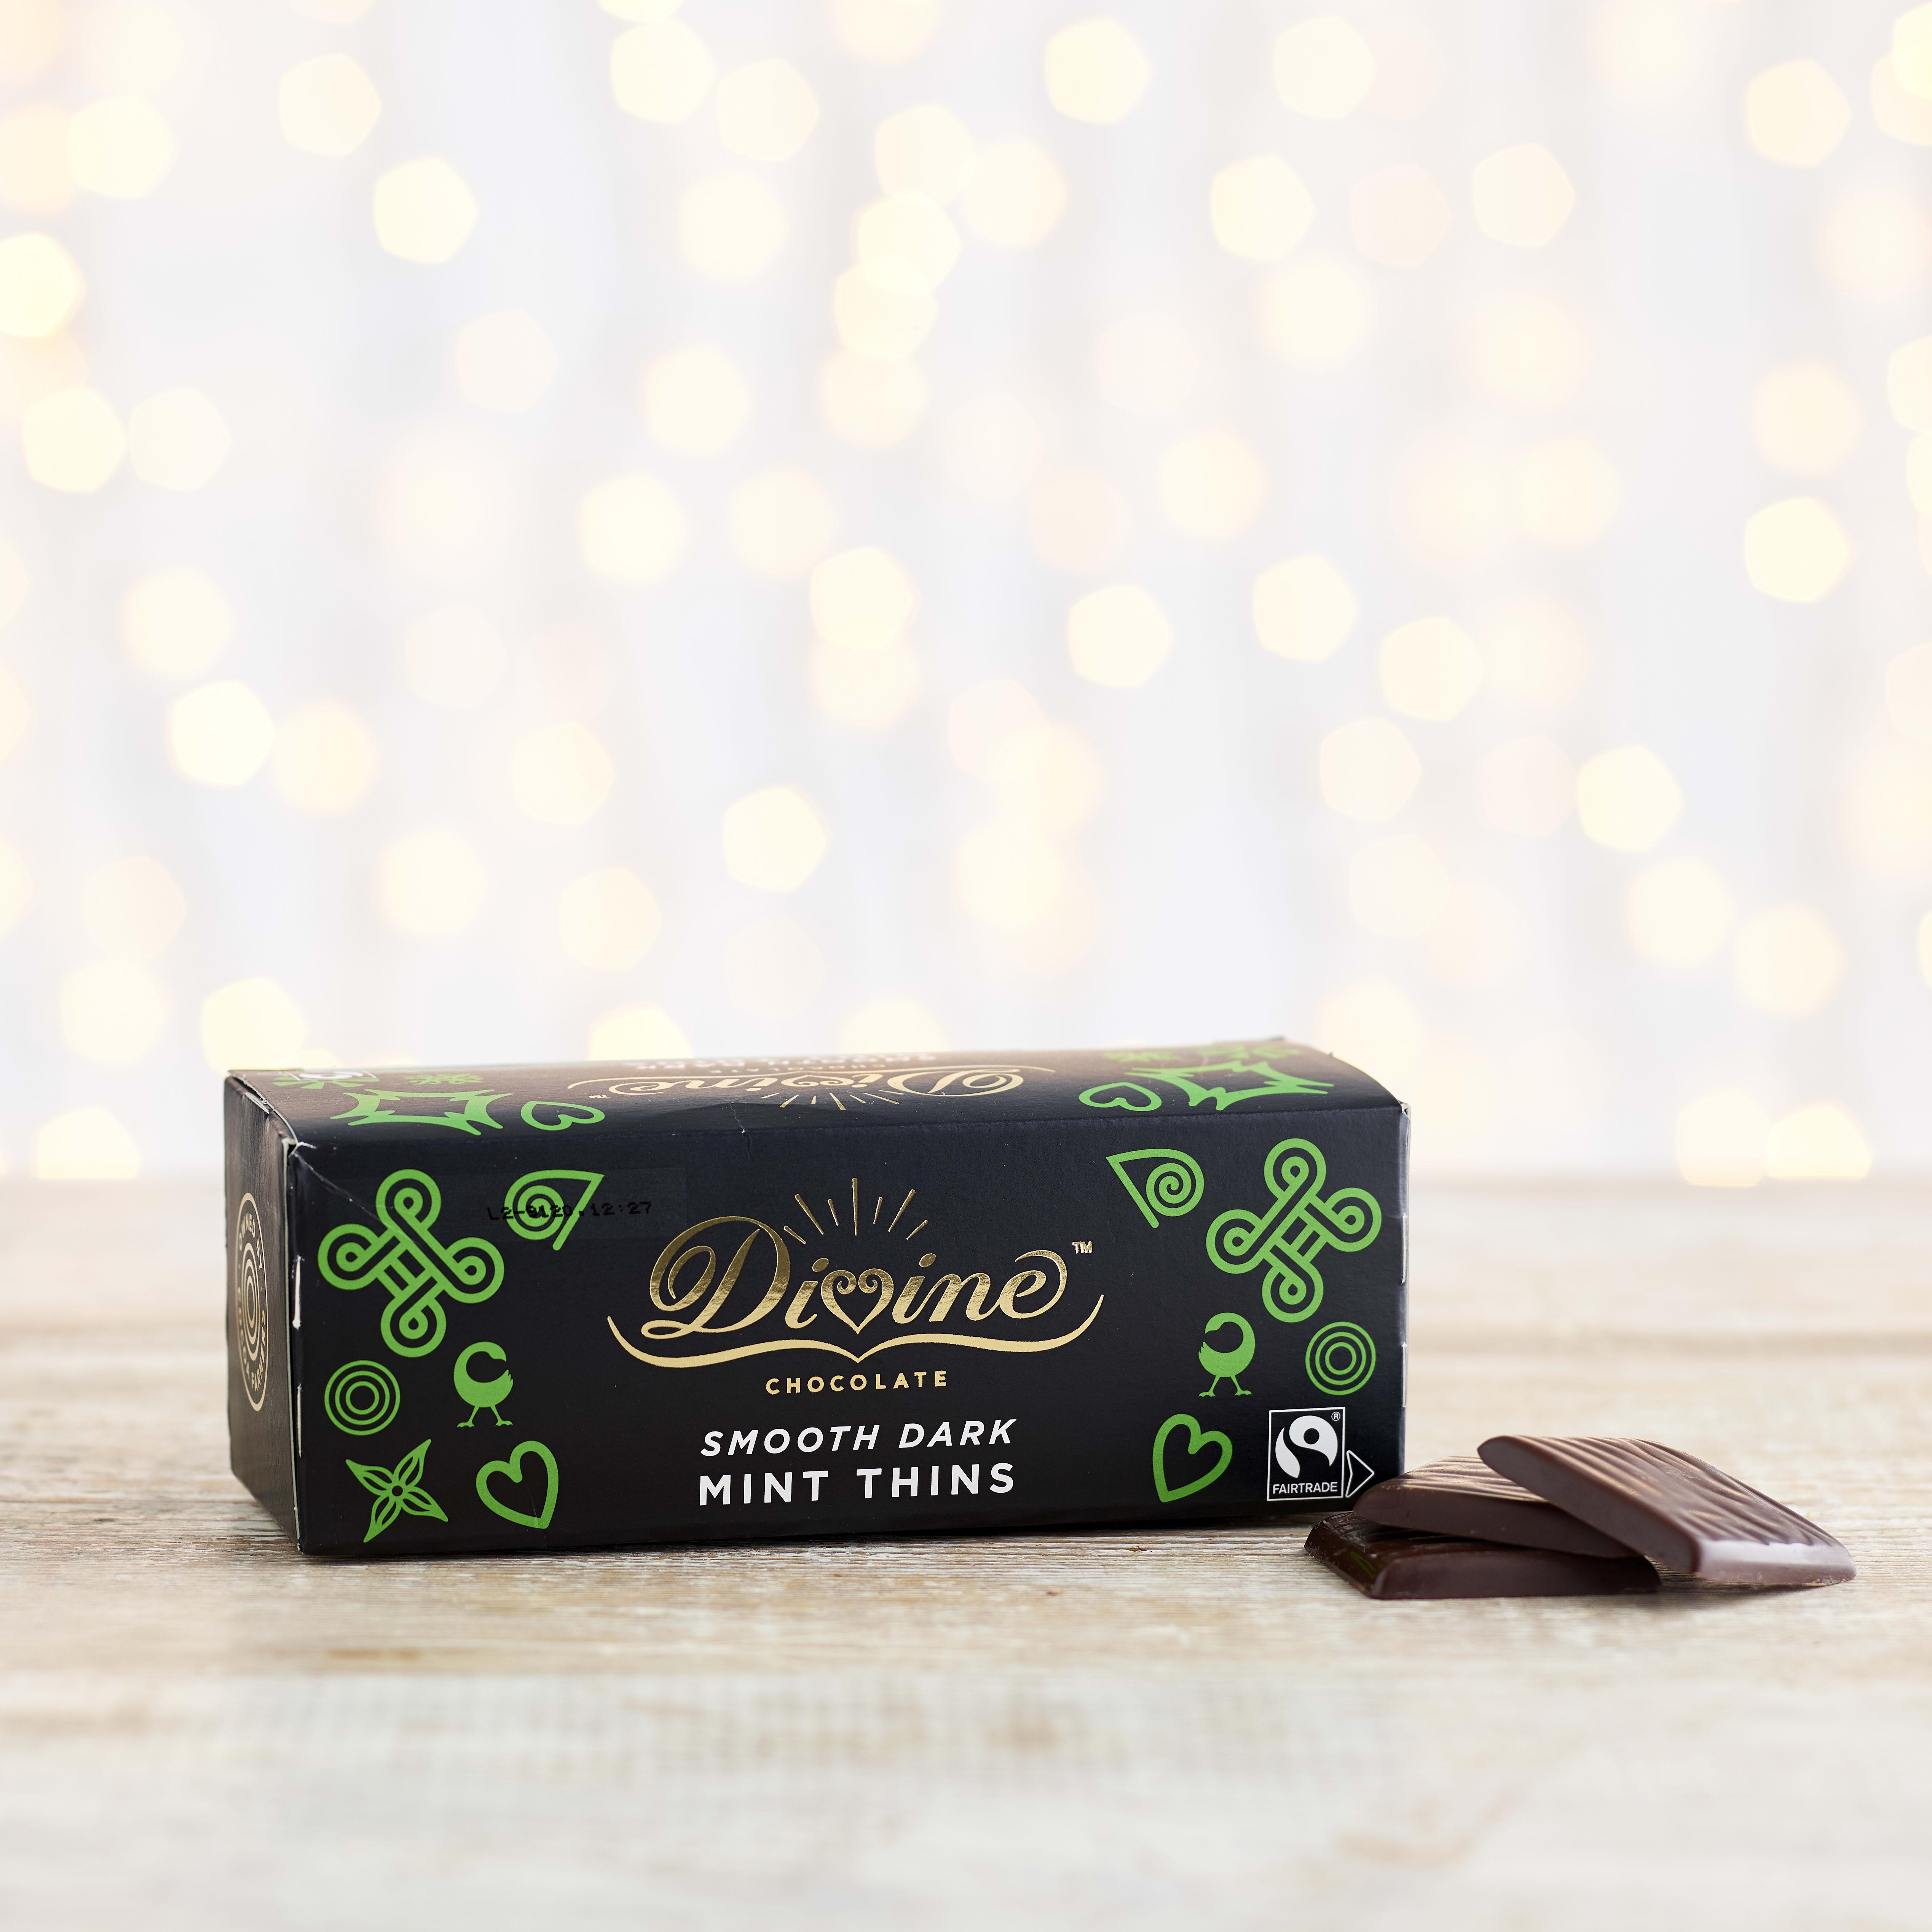 Divine Dark Chocolate Mint Thins, 200g